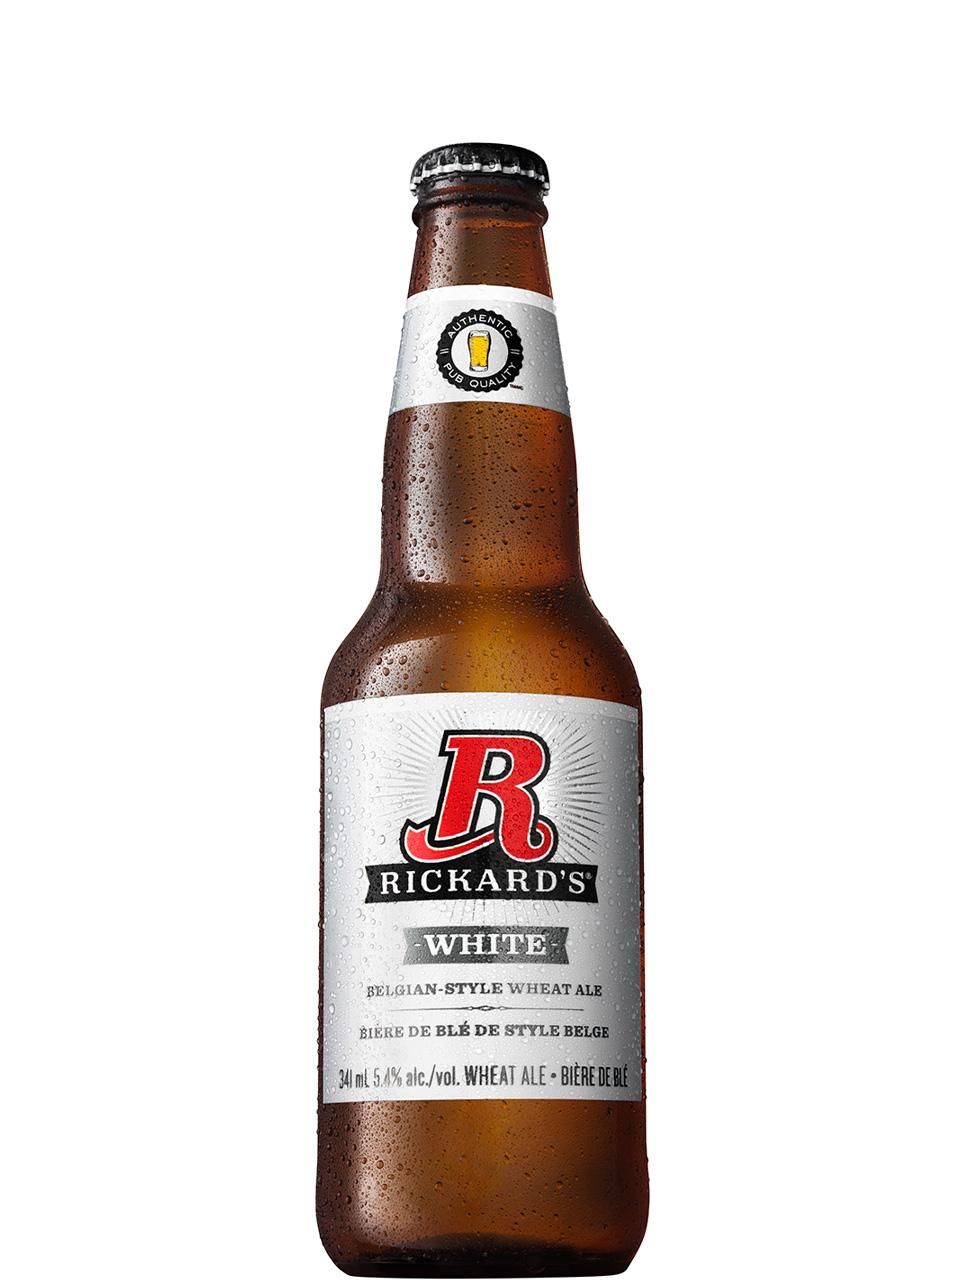 Rickard's White Bottles 12pk